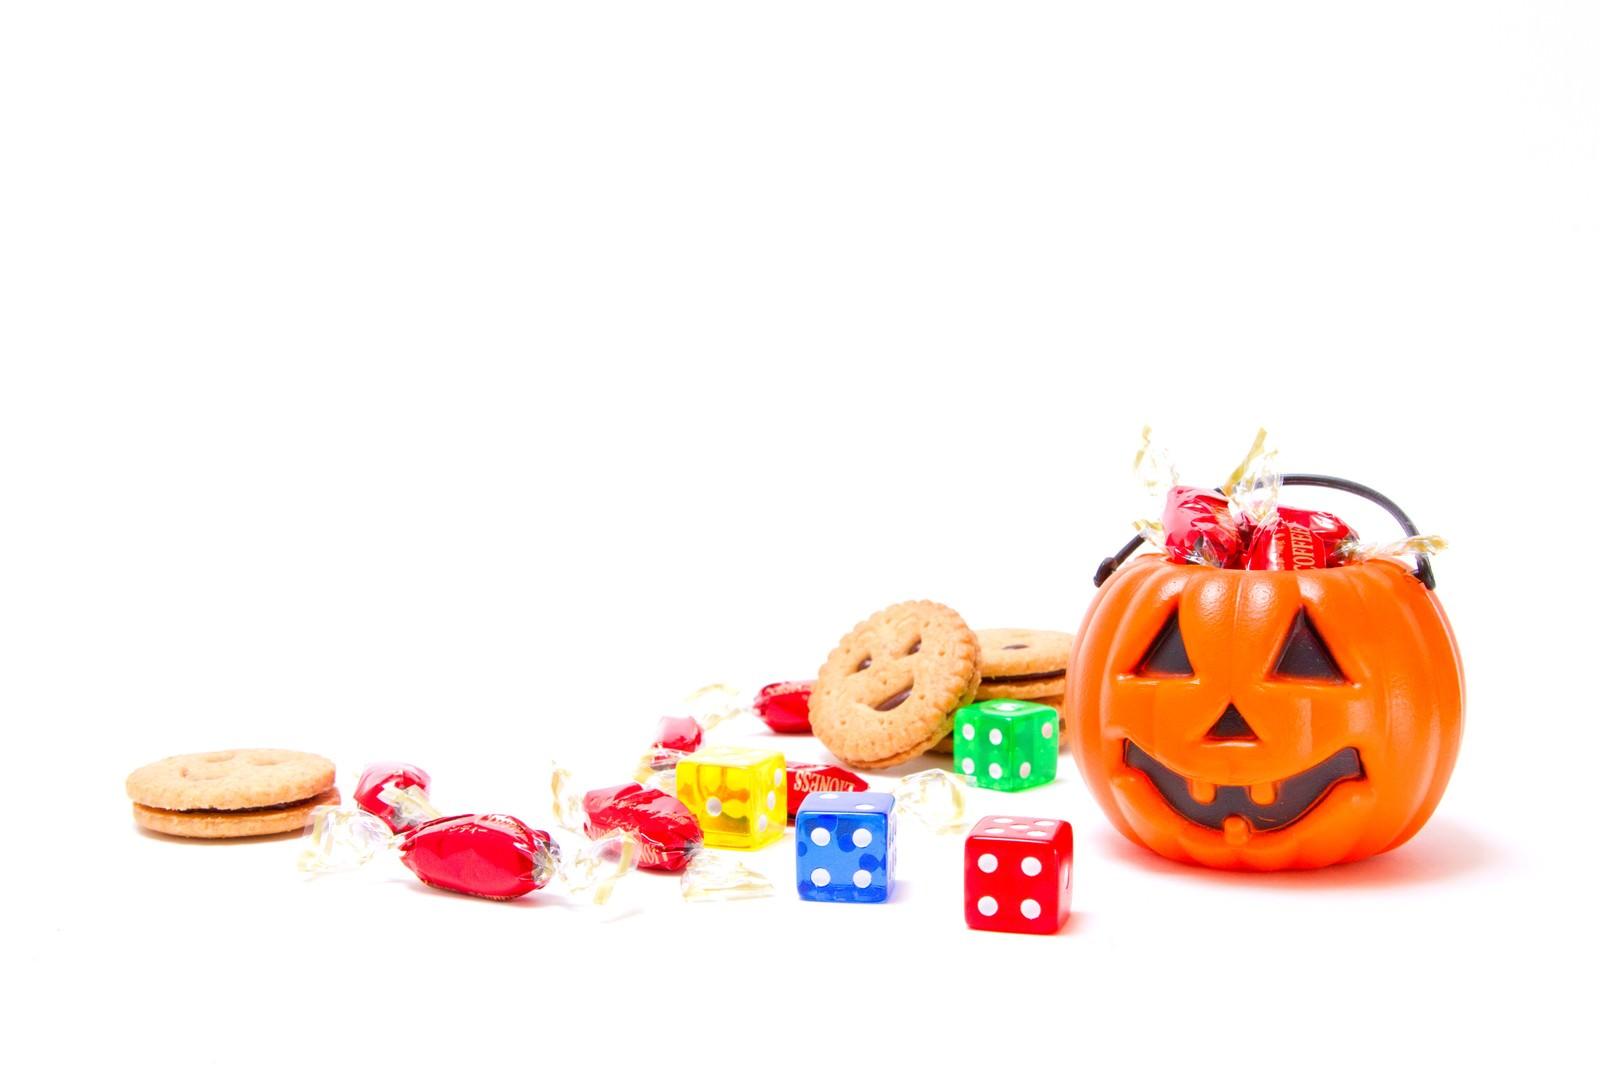 「散らばるお菓子とハロウィンのかぼちゃ」の写真